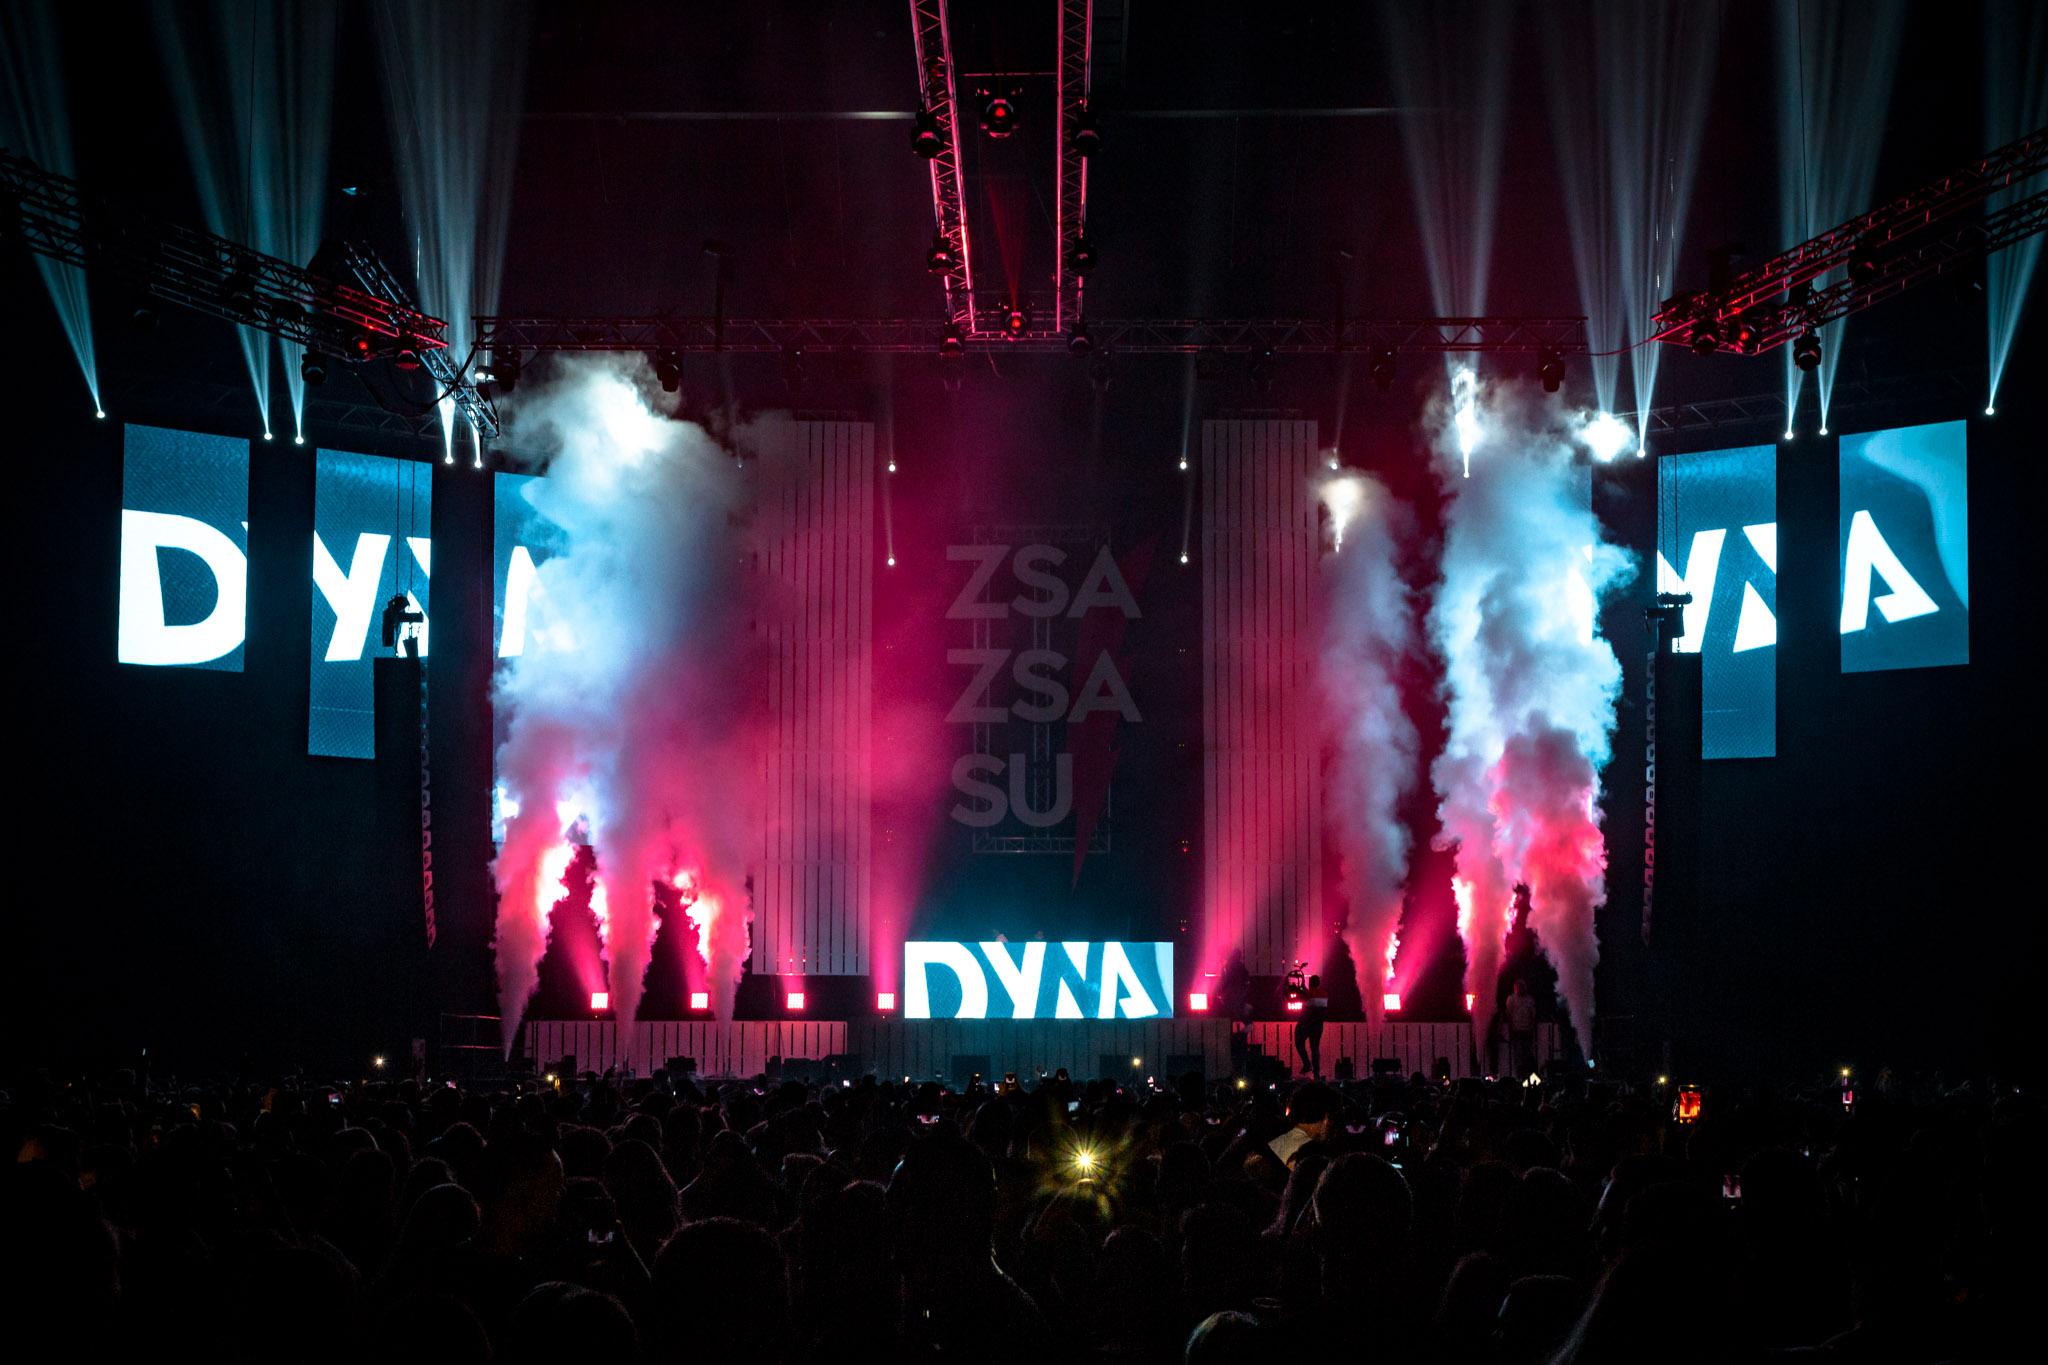 Zsa Zsa Su Amsterdam Afas Evenement Fotograaf Shot By Sylla 46